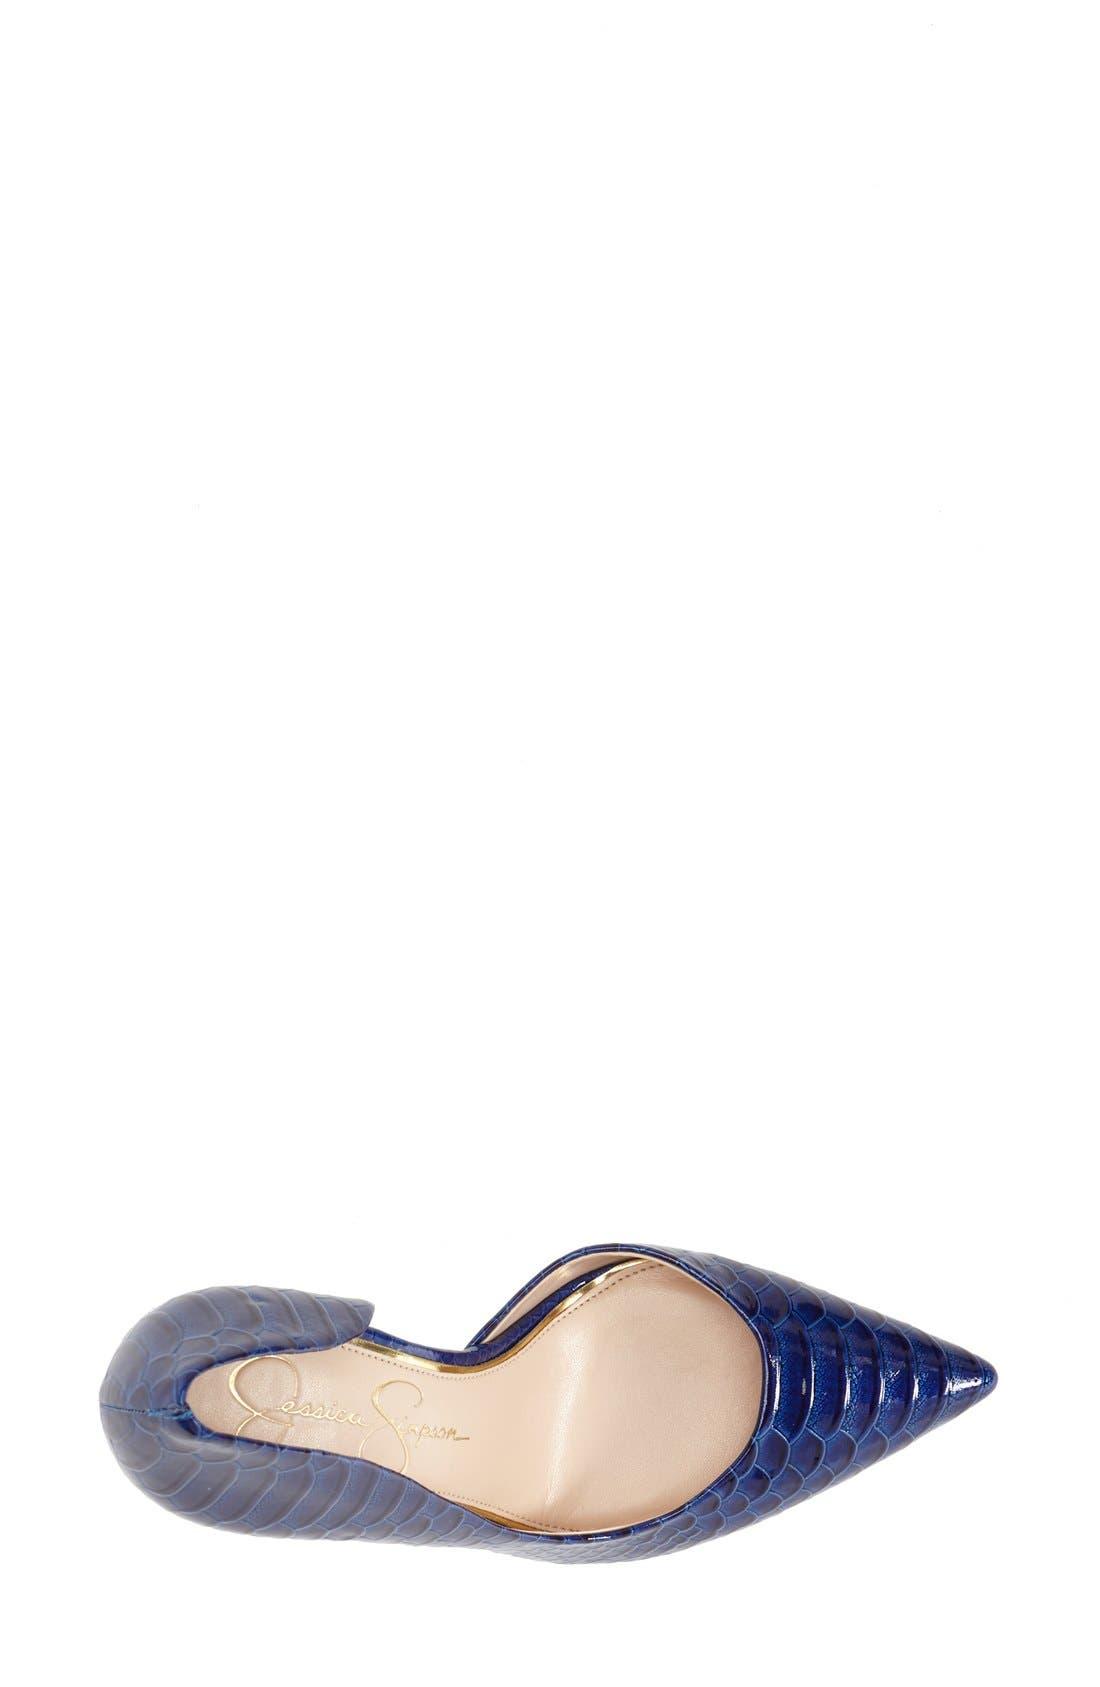 ,                             'Claudette' Half d'Orsay Pump,                             Alternate thumbnail 173, color,                             405